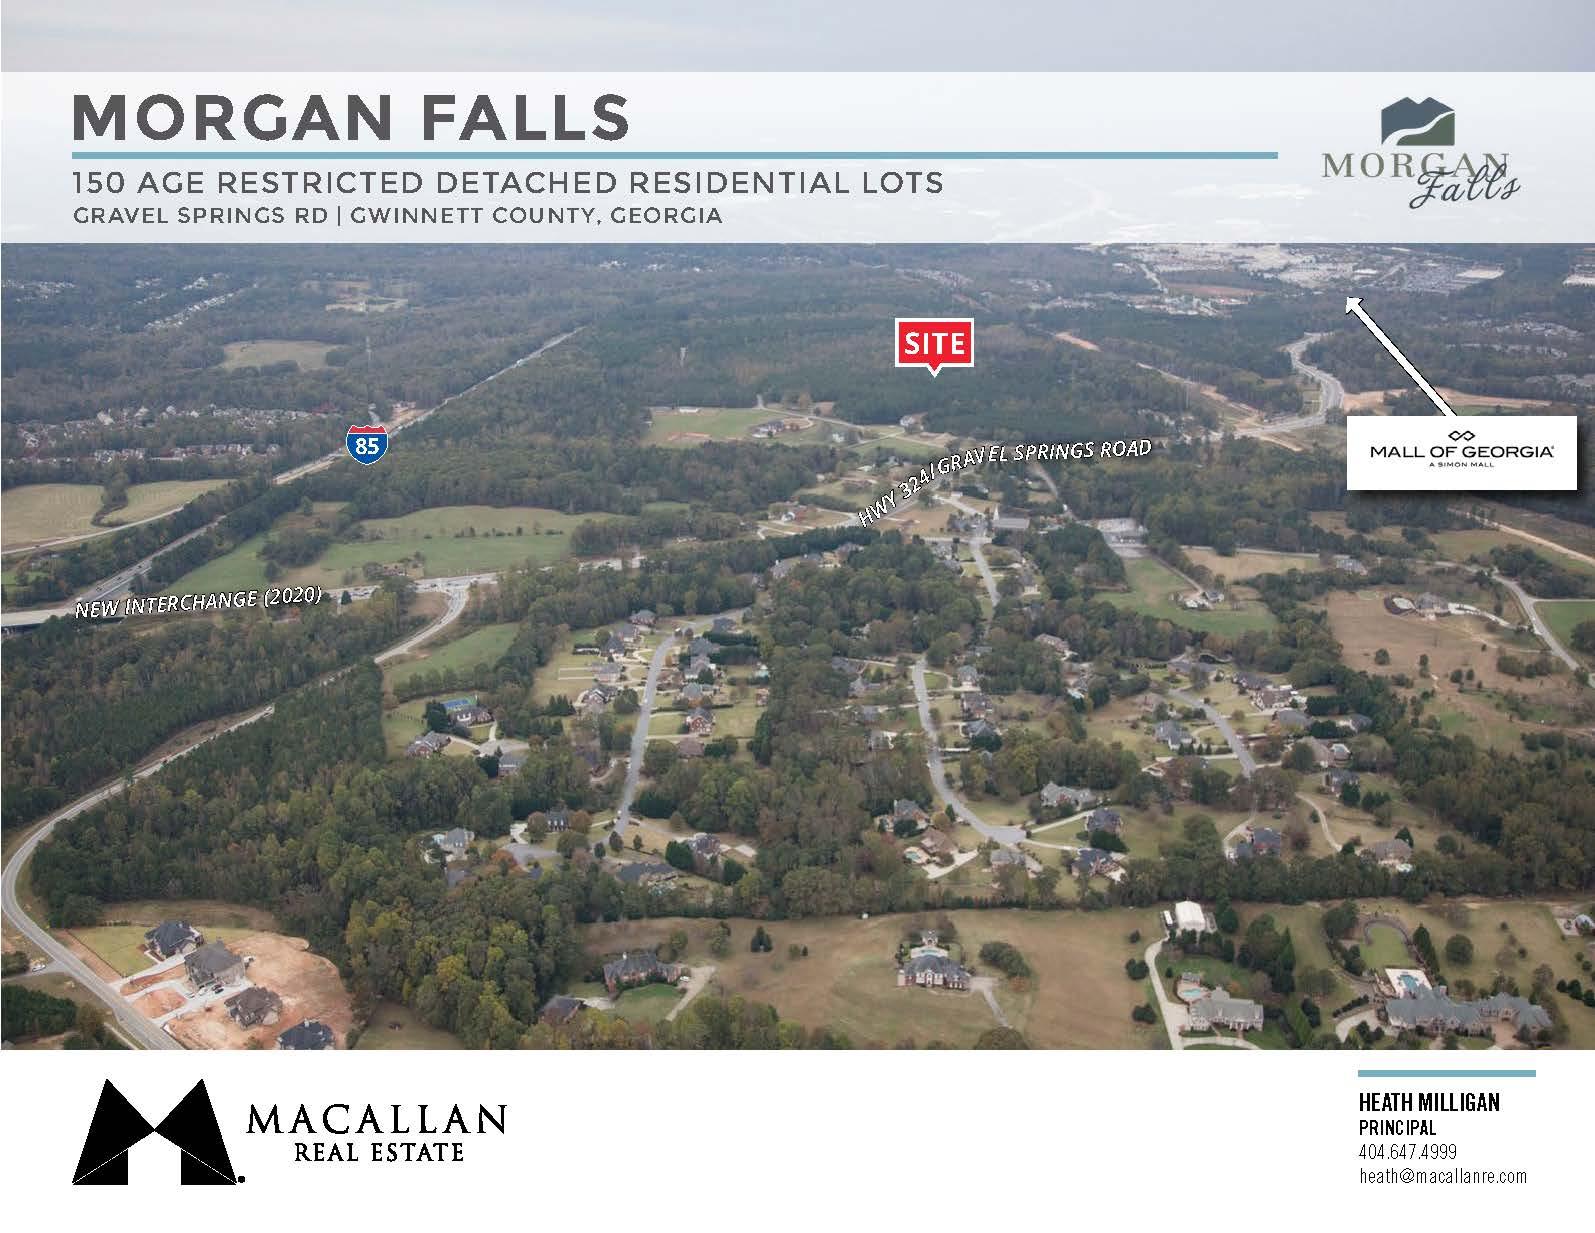 MorganFalls.jpg